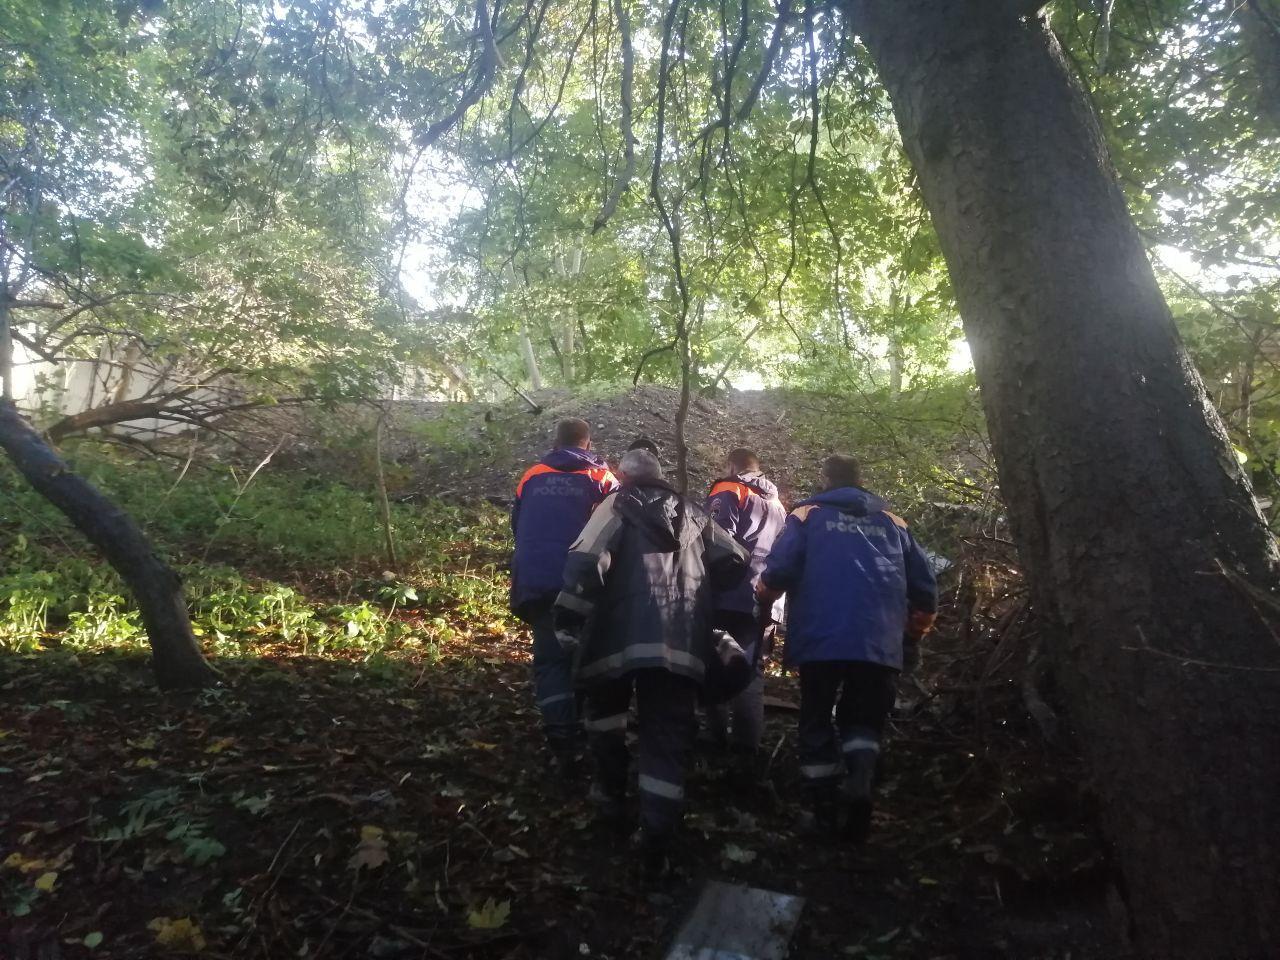 Автомобилисты предупреждают об упавшем на дорогу дереве в Нестеровском районе (фото)